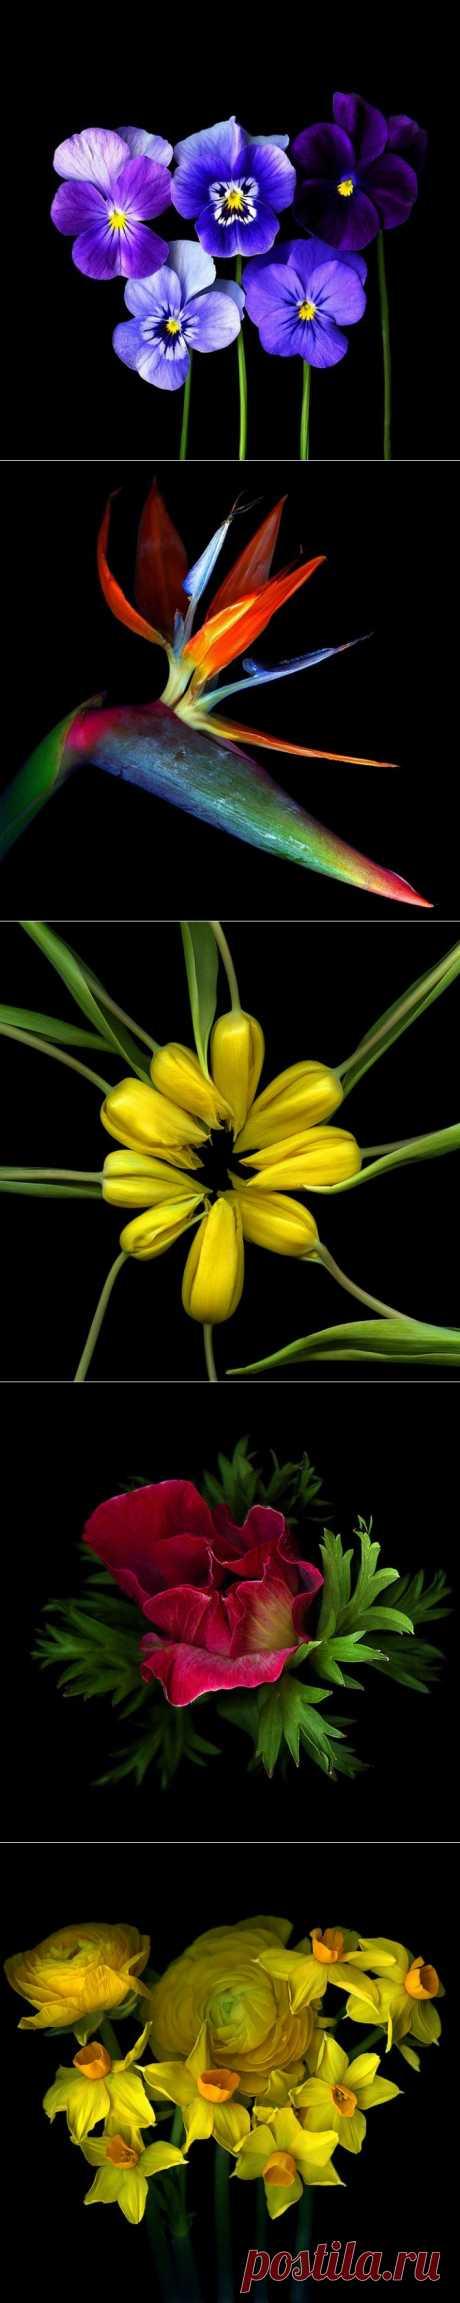 Цветы от фотографа Magda Indigo.